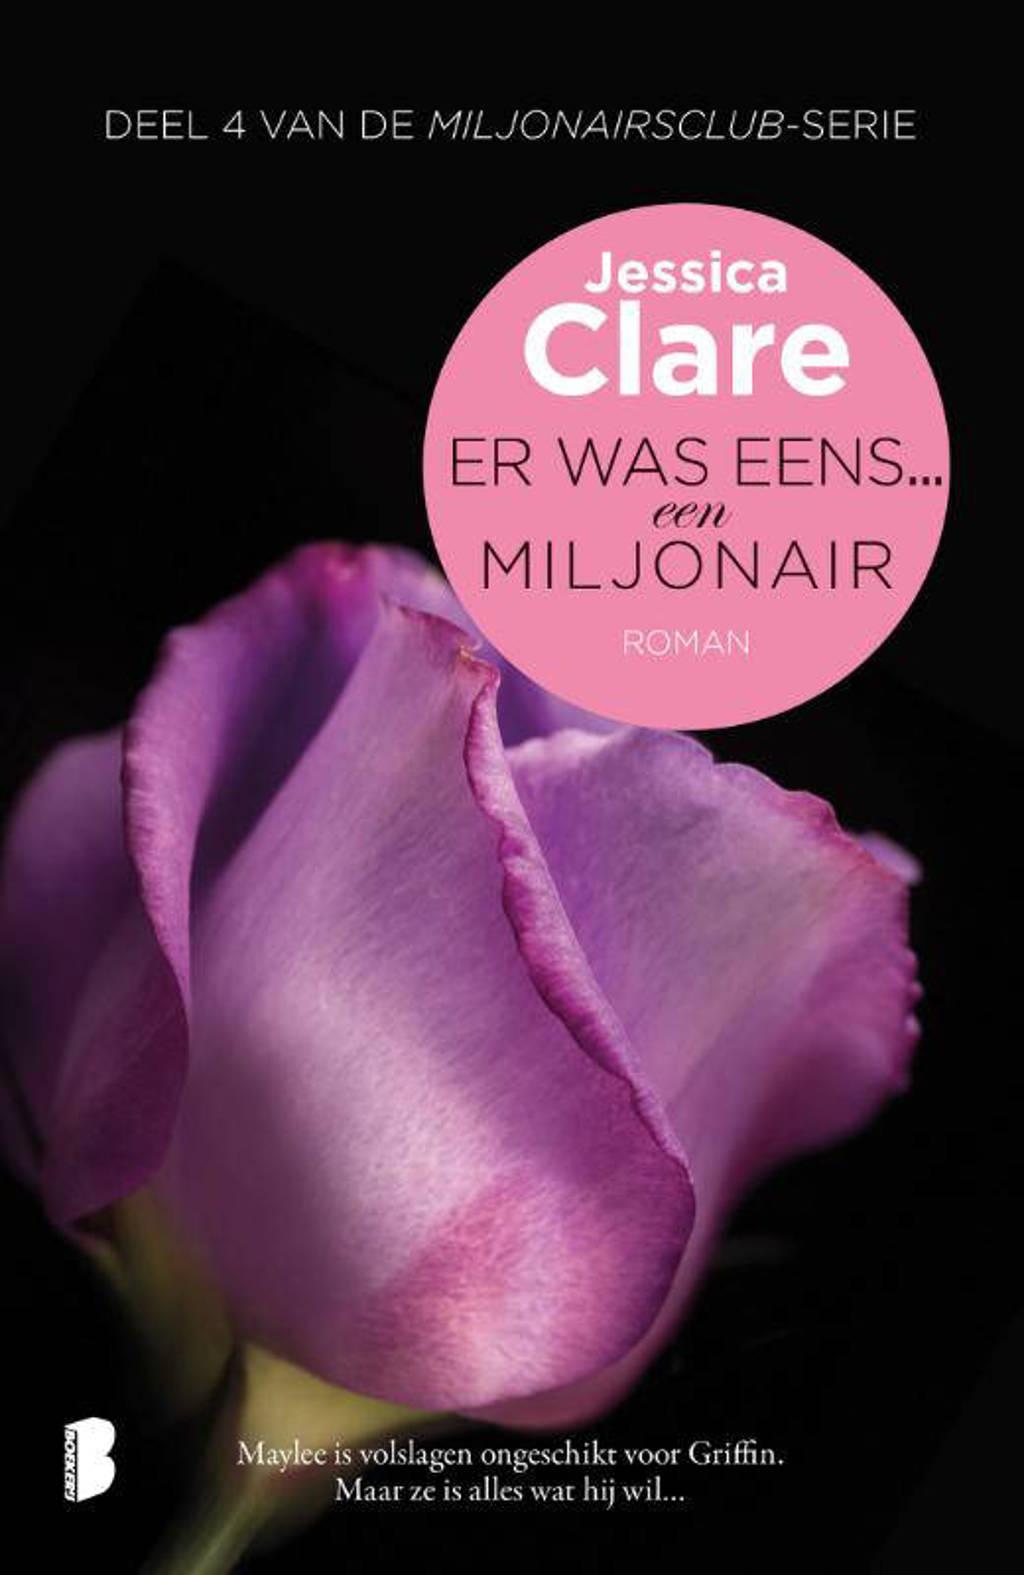 Miljonairsclub: Er was eens... een miljonair - Jessica Clare